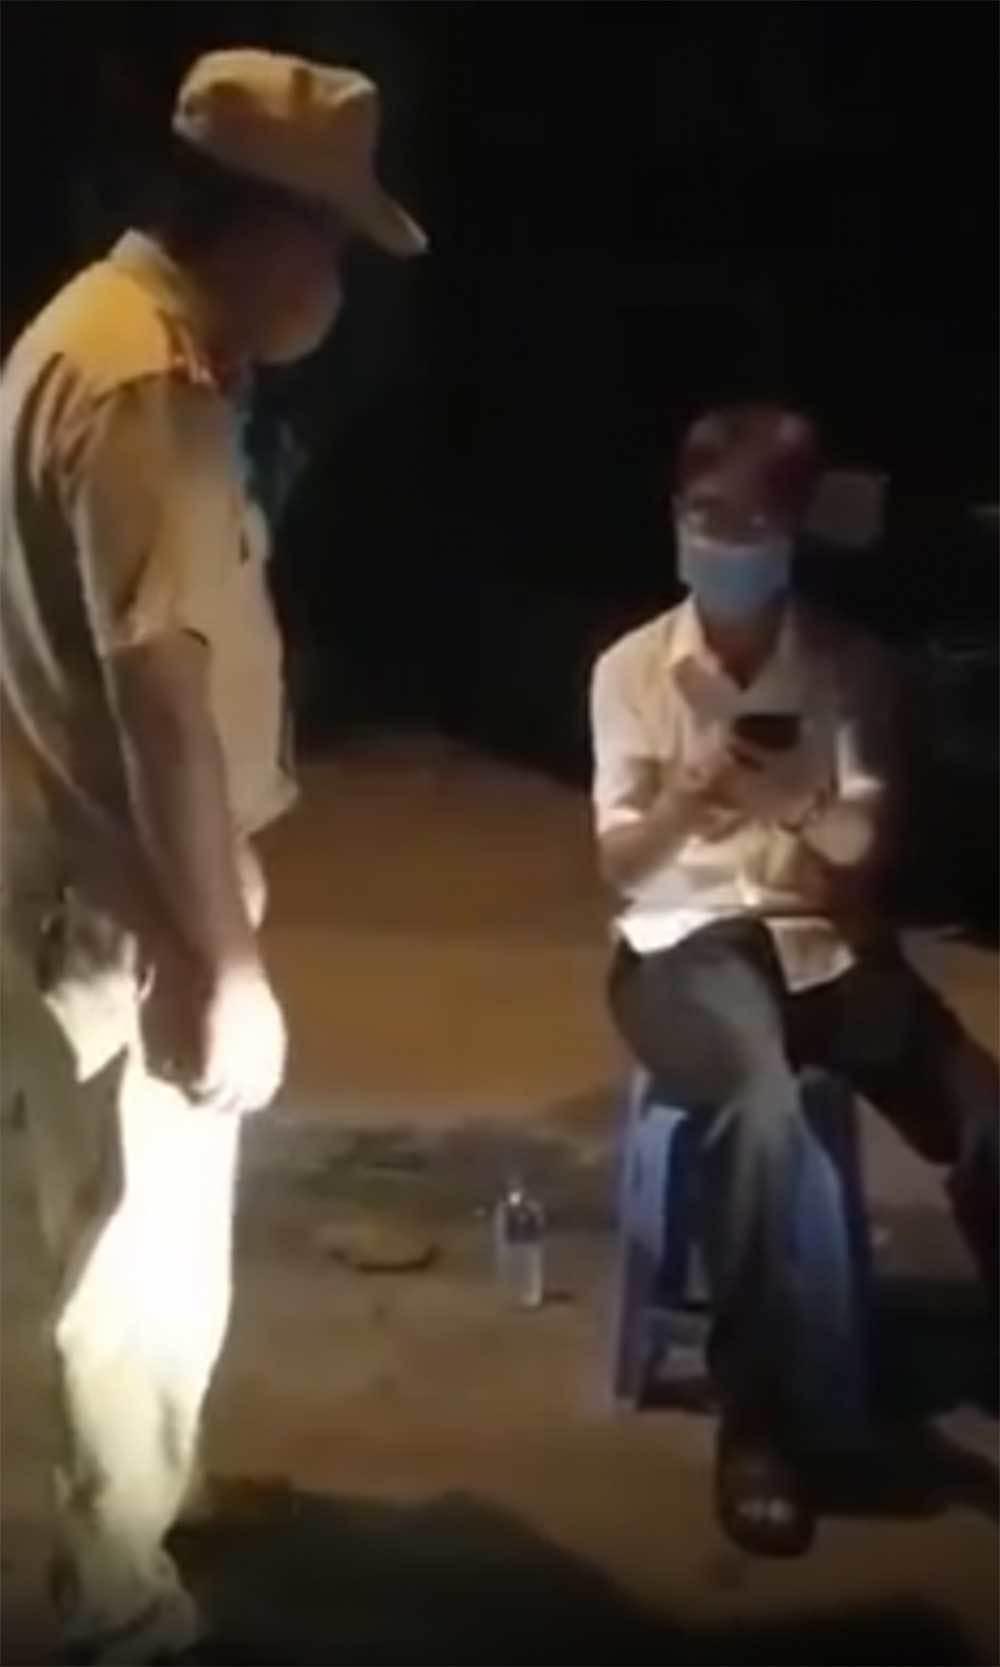 Một huyện ủy viên uống rượu, đi vào đường cấm bị đề nghị xử lý